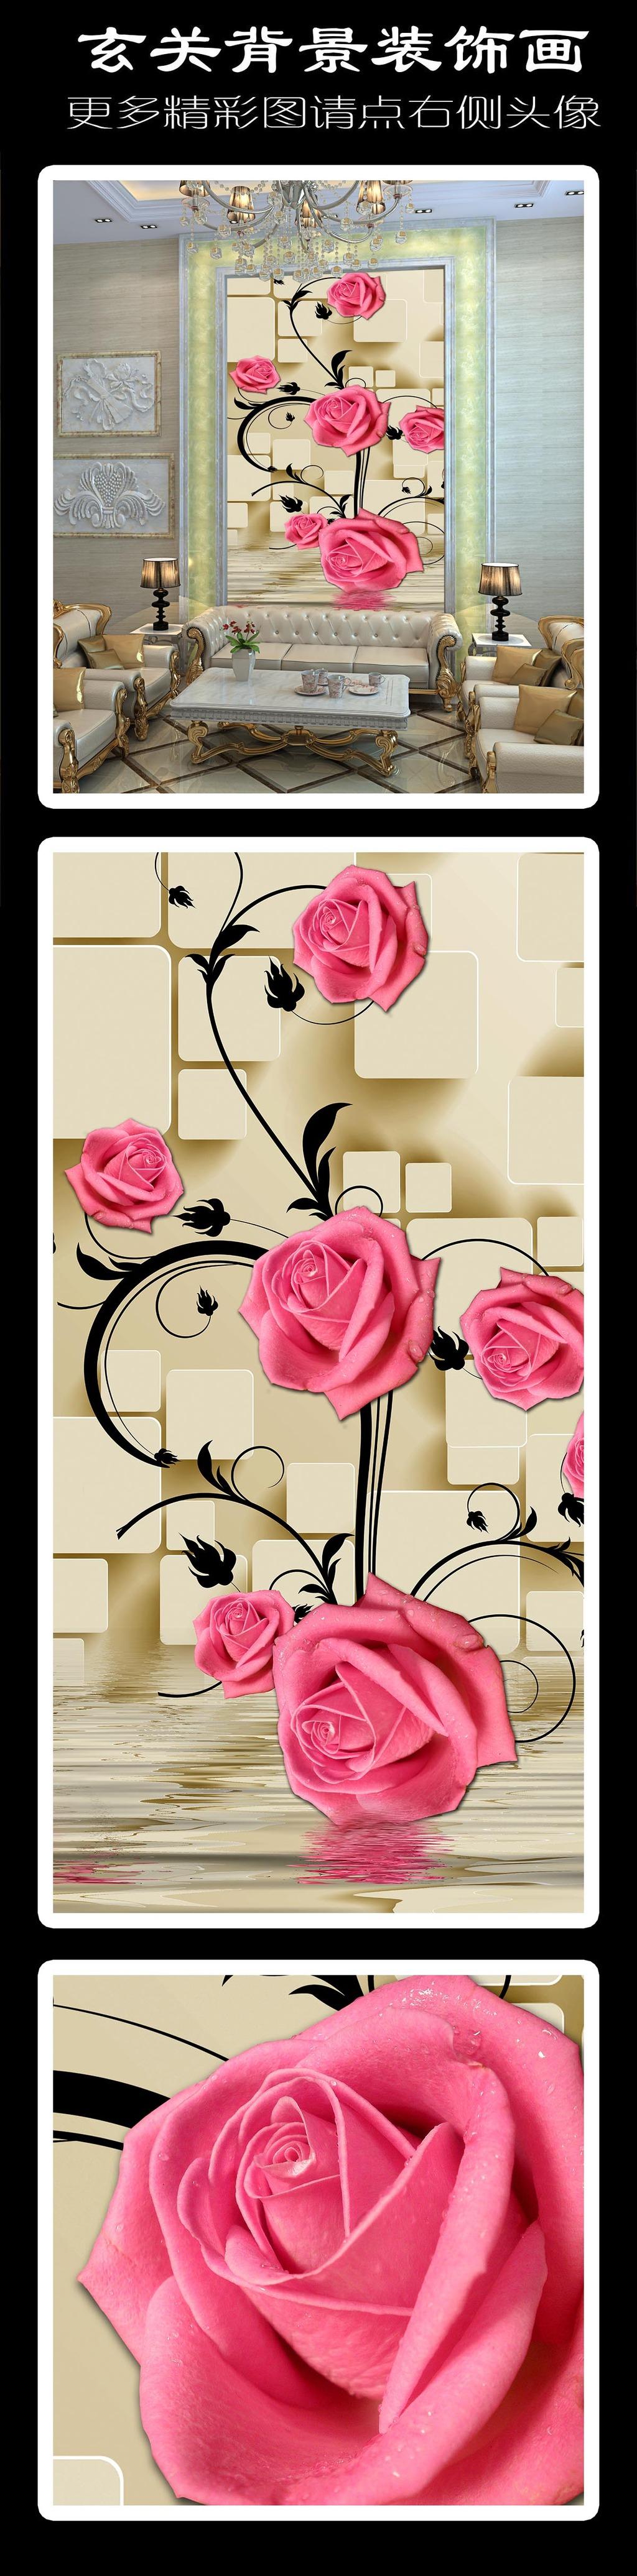 高清水中倒影玫瑰花玄关背景装饰画